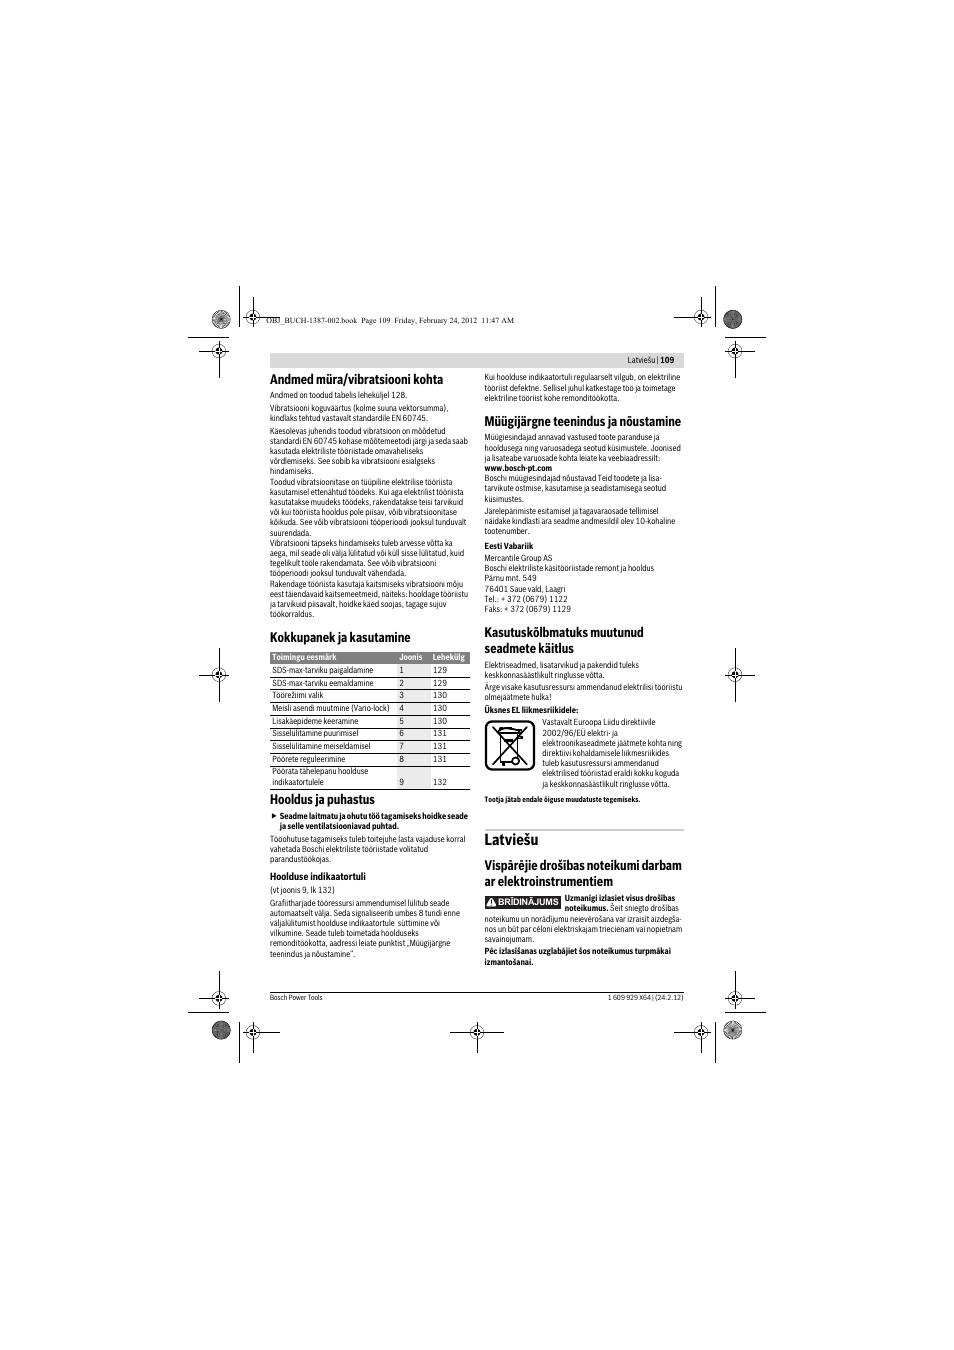 Latviešu, Andmed müra/vibratsiooni kohta, Kokkupanek ja